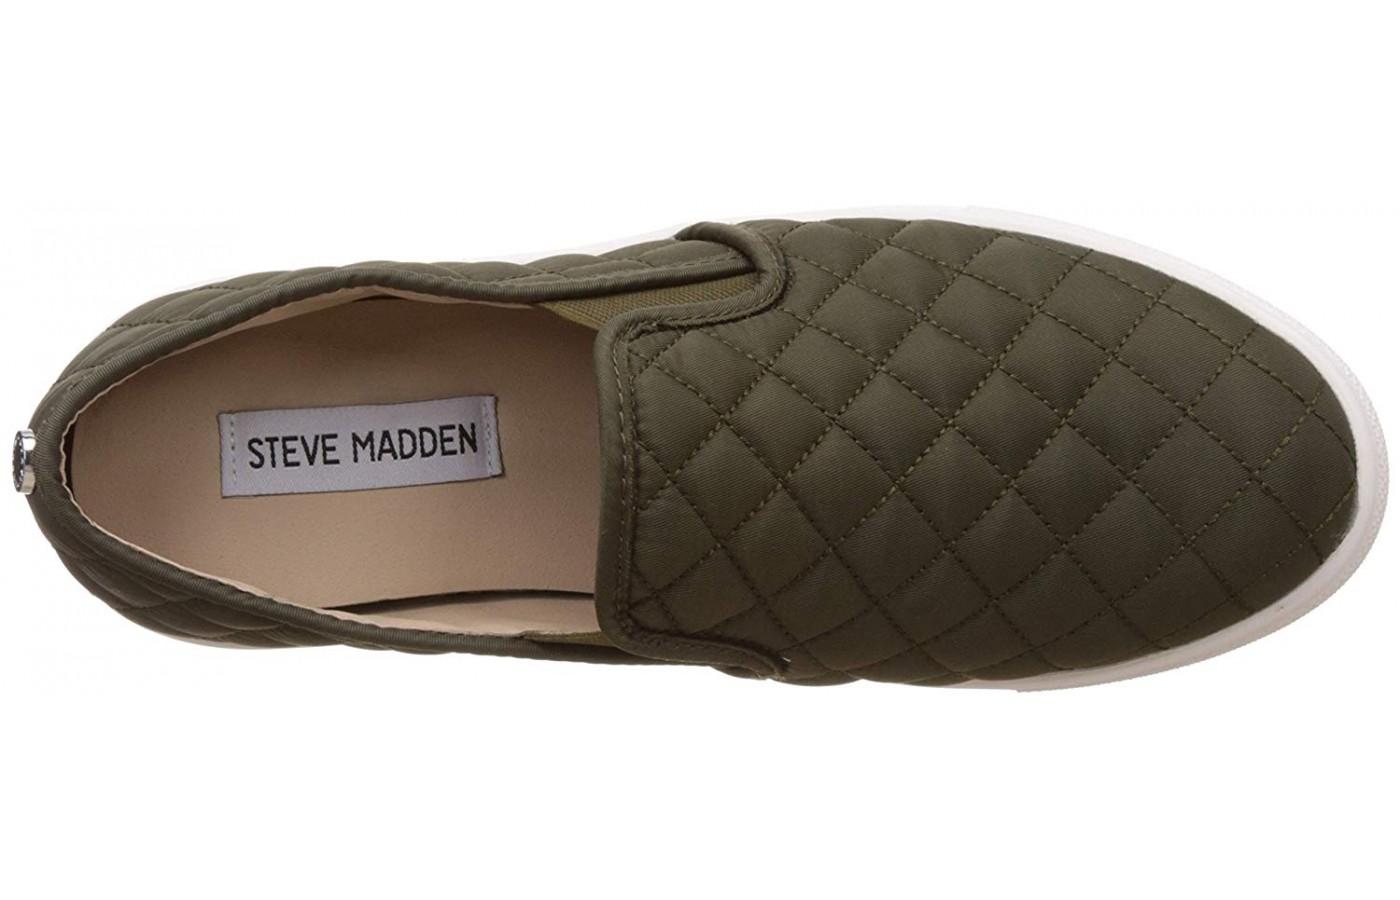 Steve Madden EcentrcQ  Upper